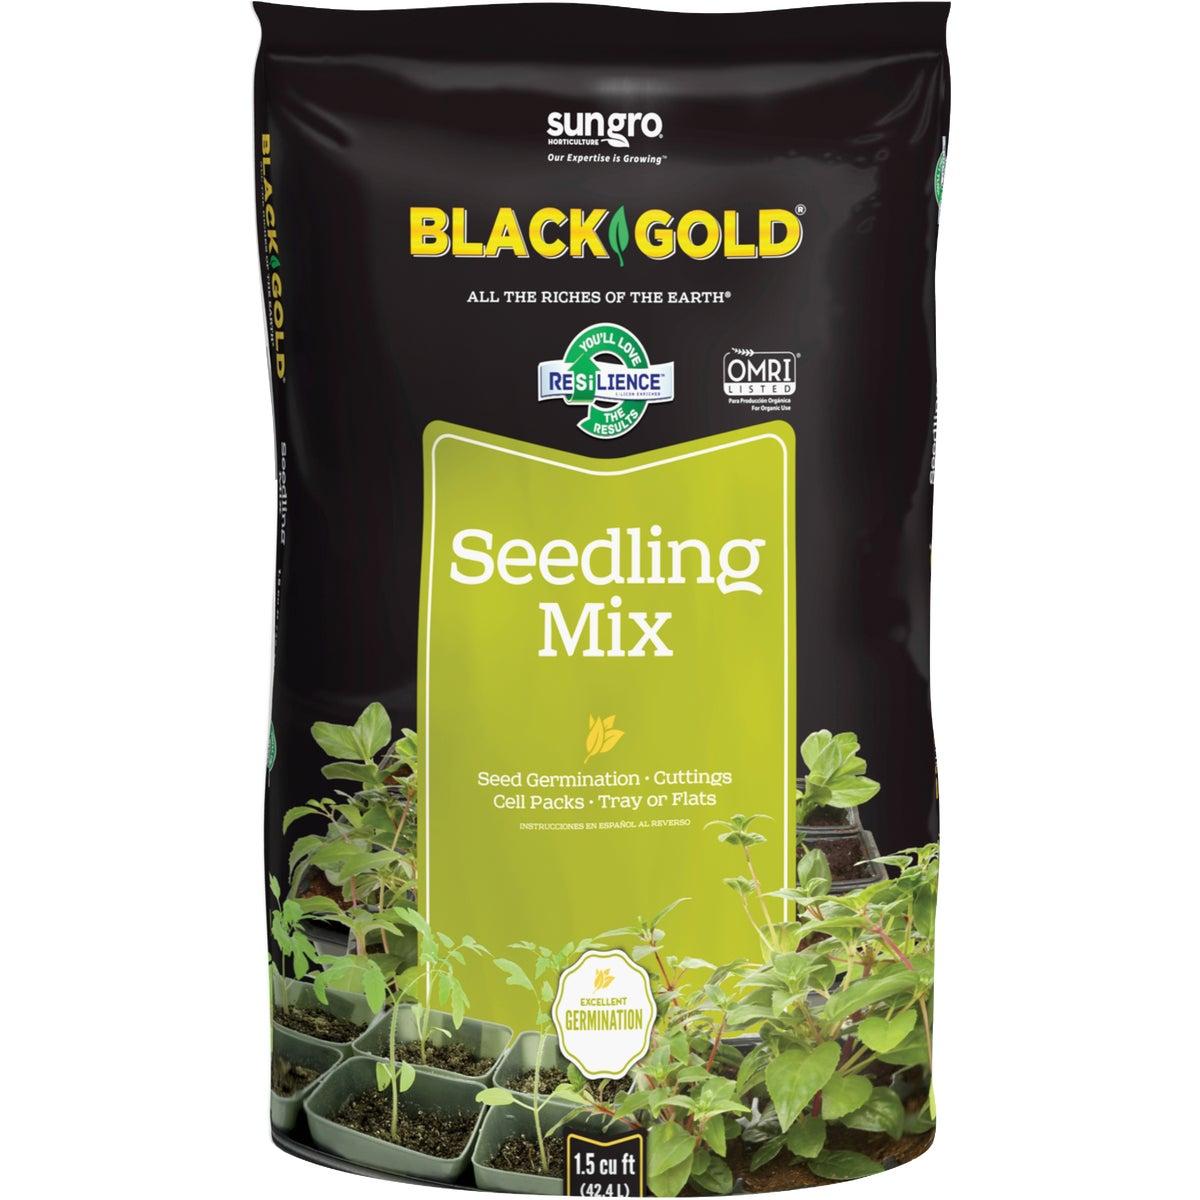 1.5CF BG SEEDLING SOIL - 1411002.CFL001.5P by Sun Gro Horticulture